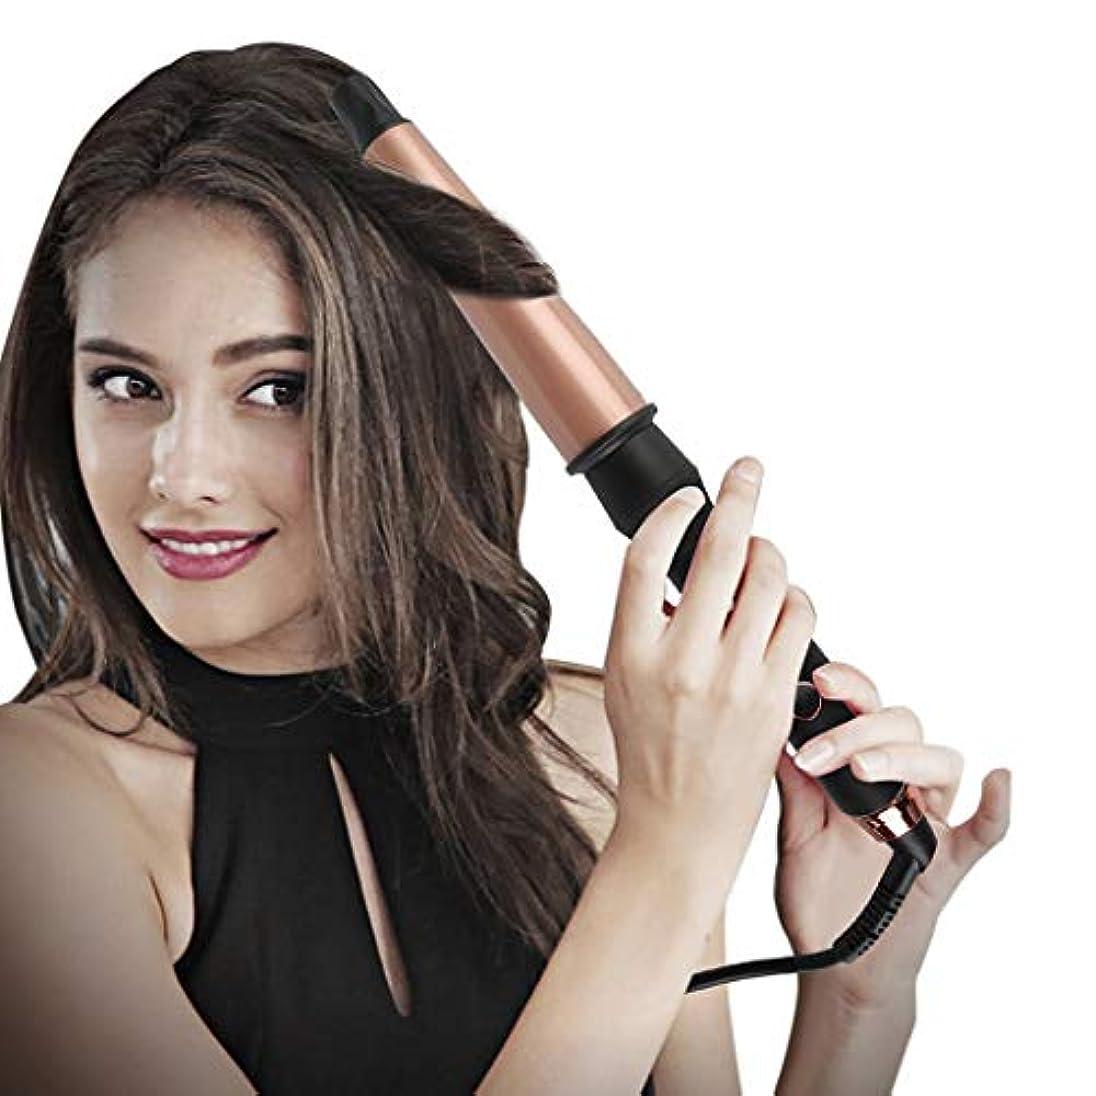 水分引く悪性のトルマリンセラミックカーリング鉄カーリングアイロンスパイラルヘアスティック手袋を送信する髪カーラーパーマ液晶自動カーリングアイロンポータブルヘアカーラー髪を傷つけるしない